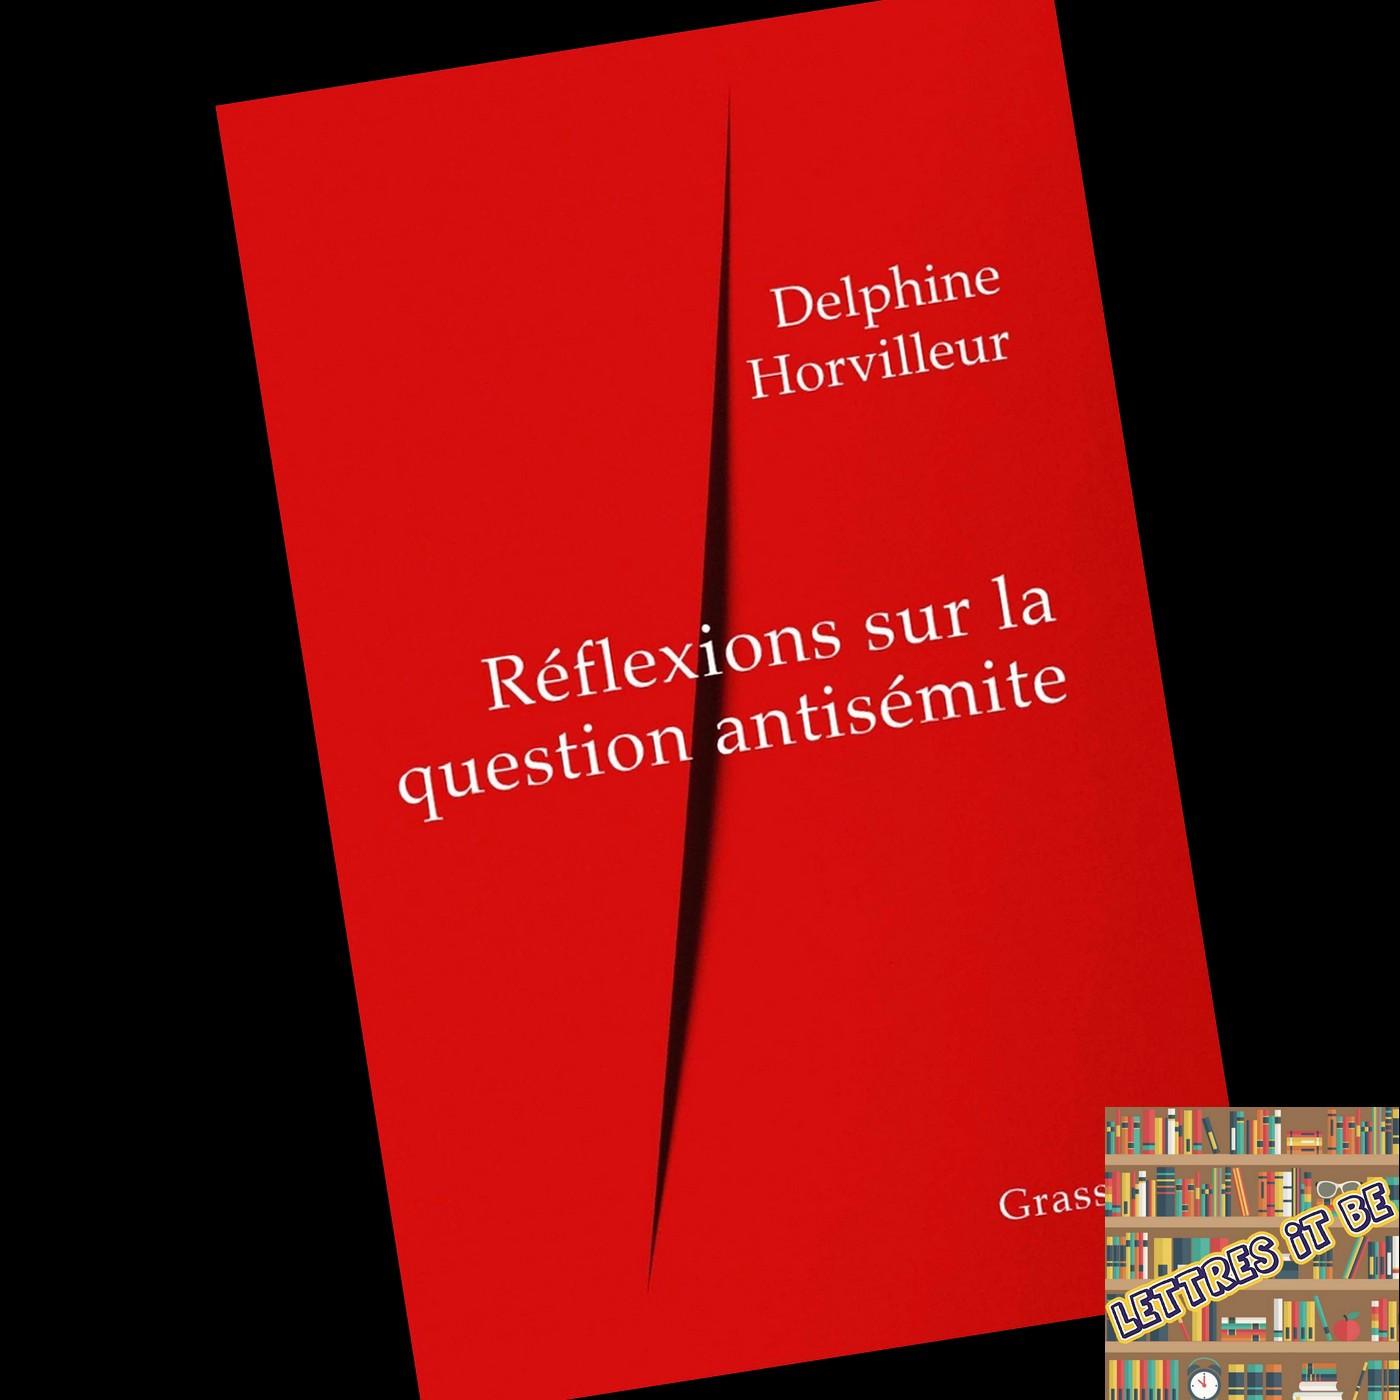 Critique de Réflexions sur la question antisémite de Delphine Horvilleur (Livre)